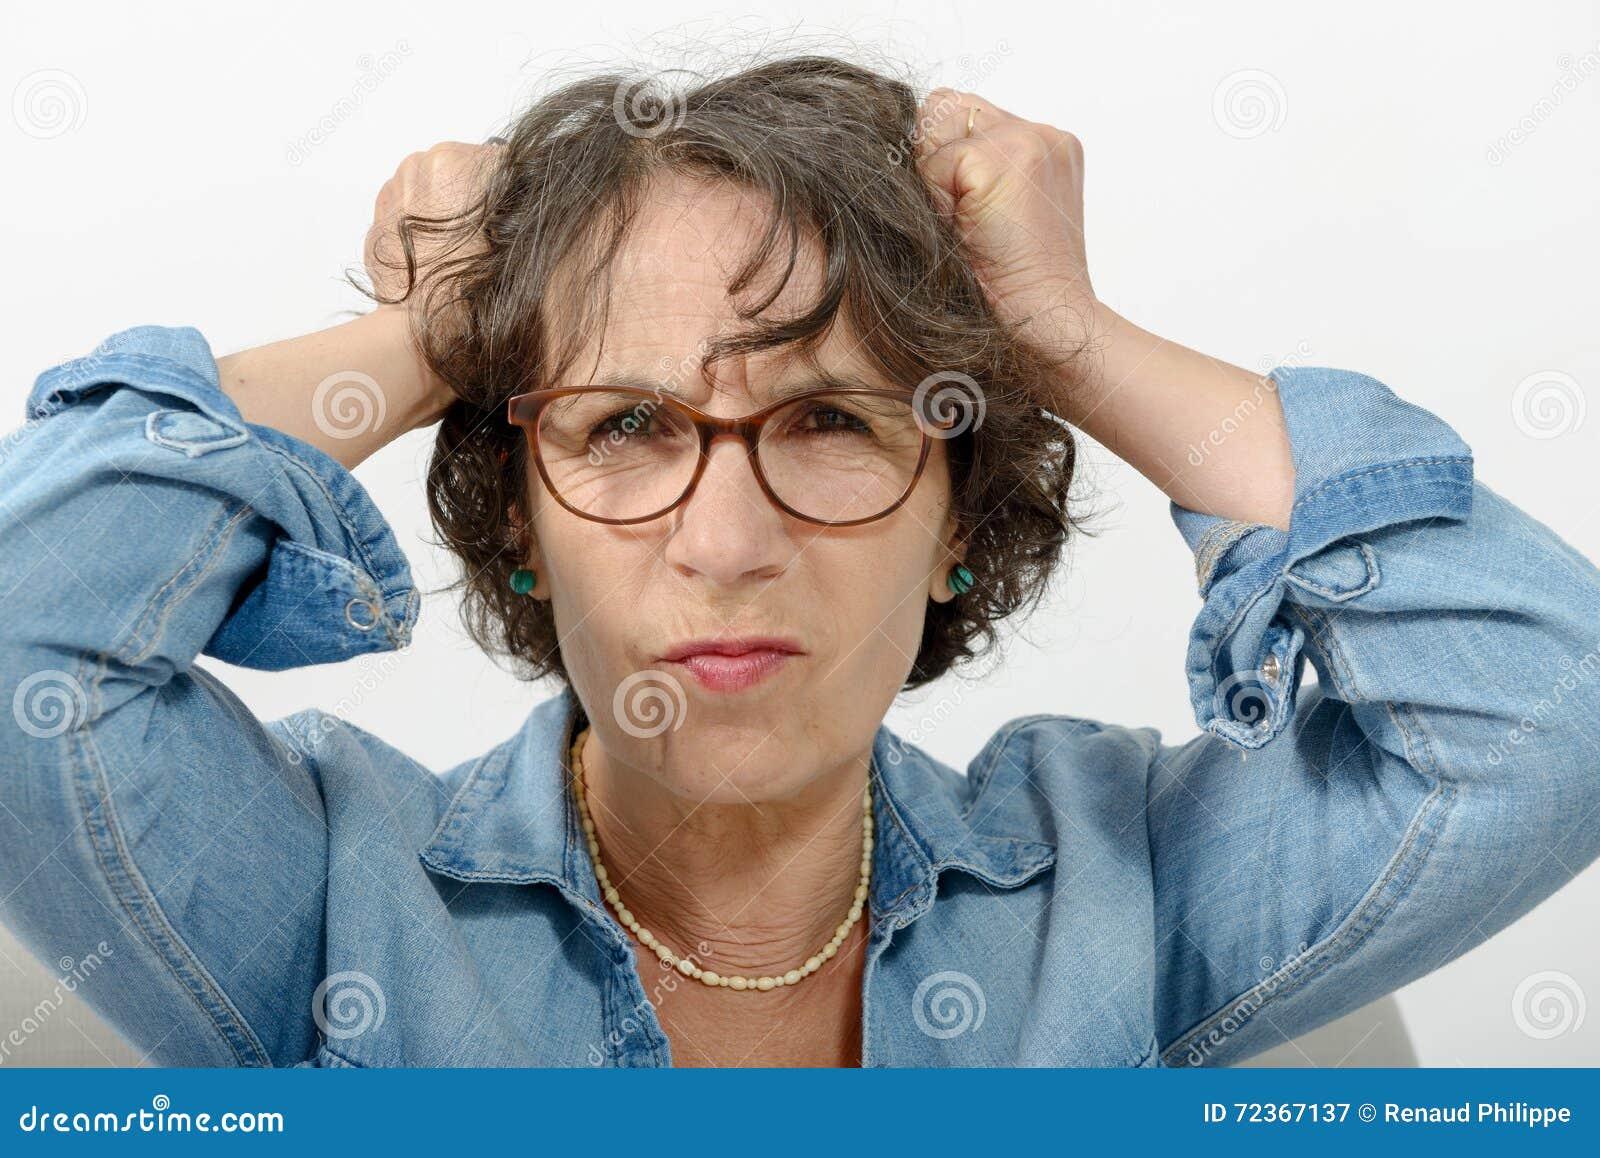 Porträt einer Frau von mittlerem Alter verärgert